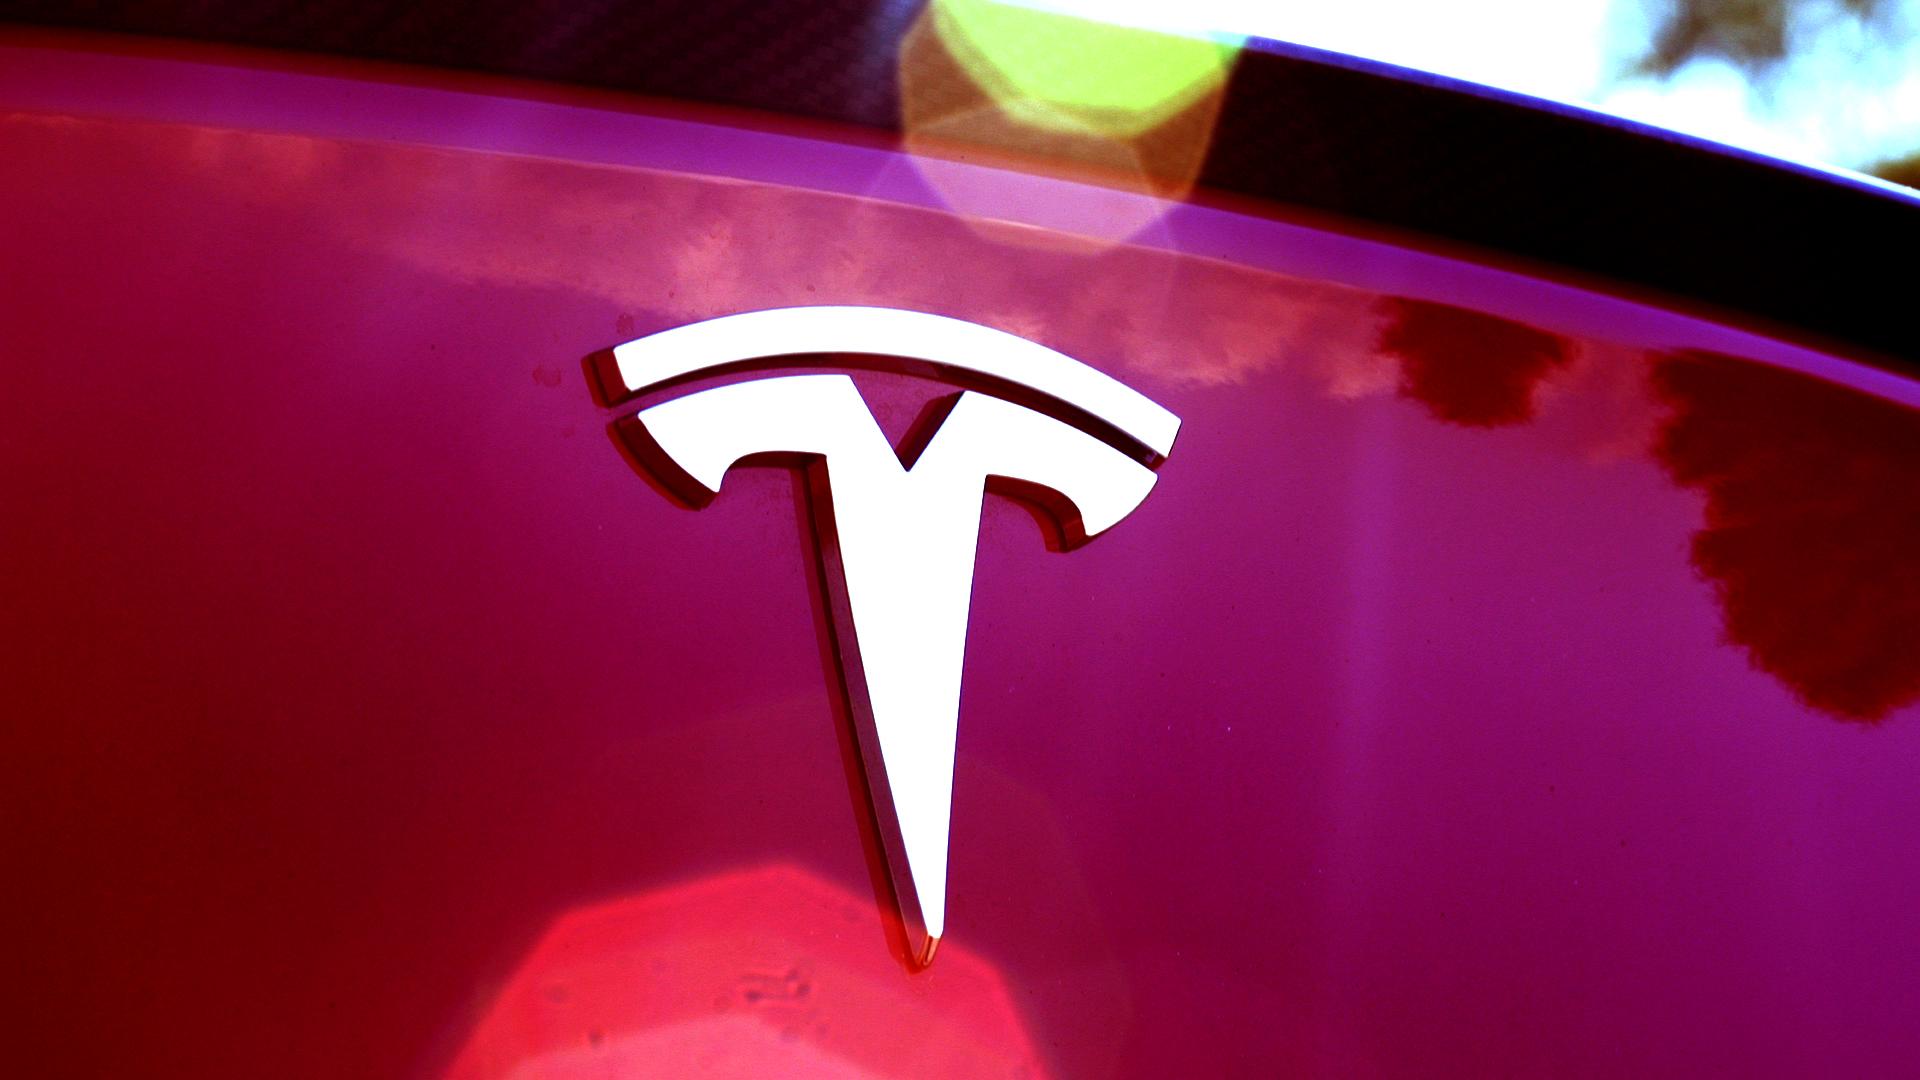 Tesla Ends $1,000 Referral Credit Program